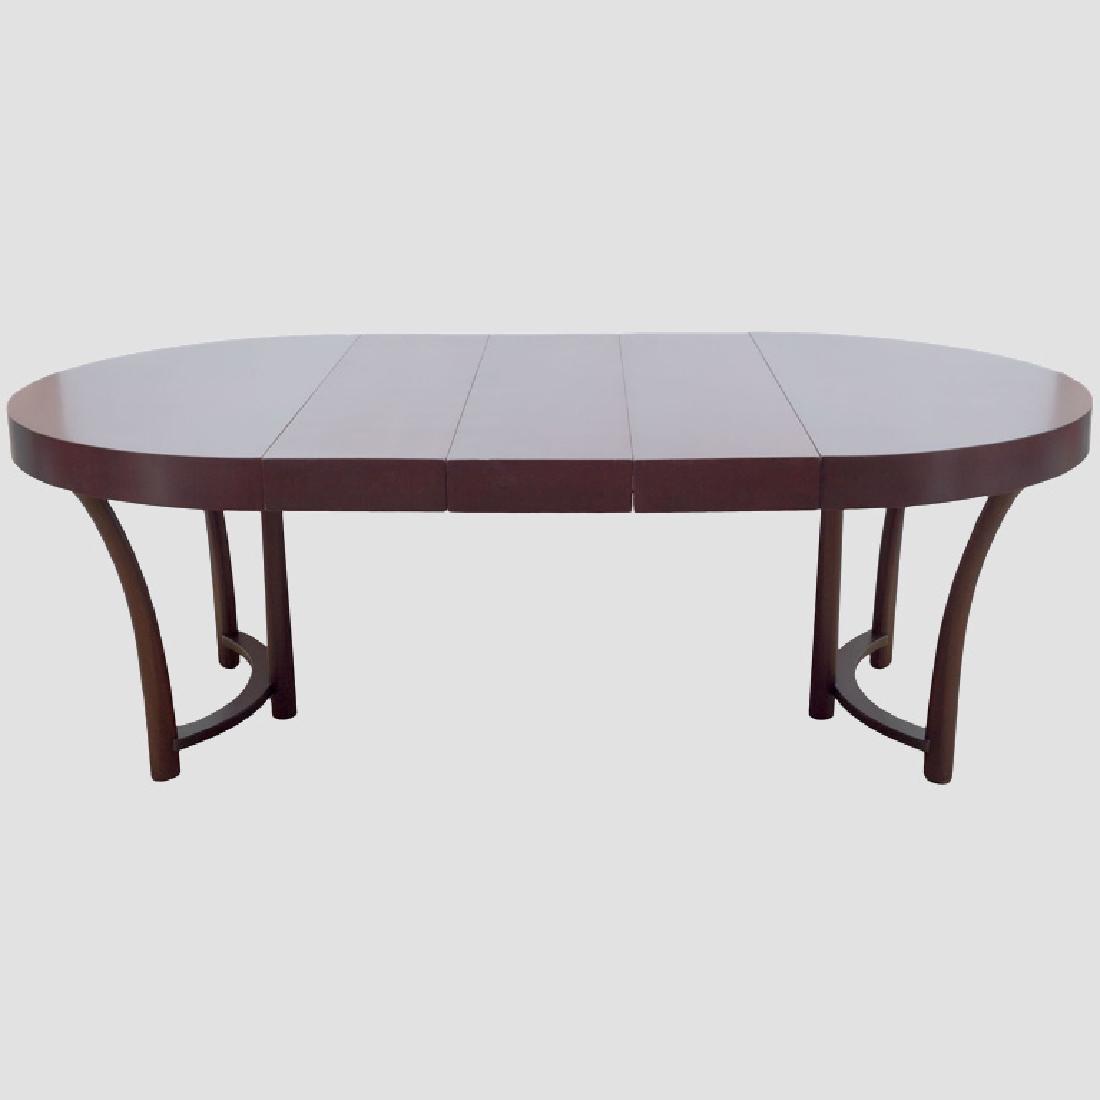 T.H Robsjohn-Gibbings Dining Table